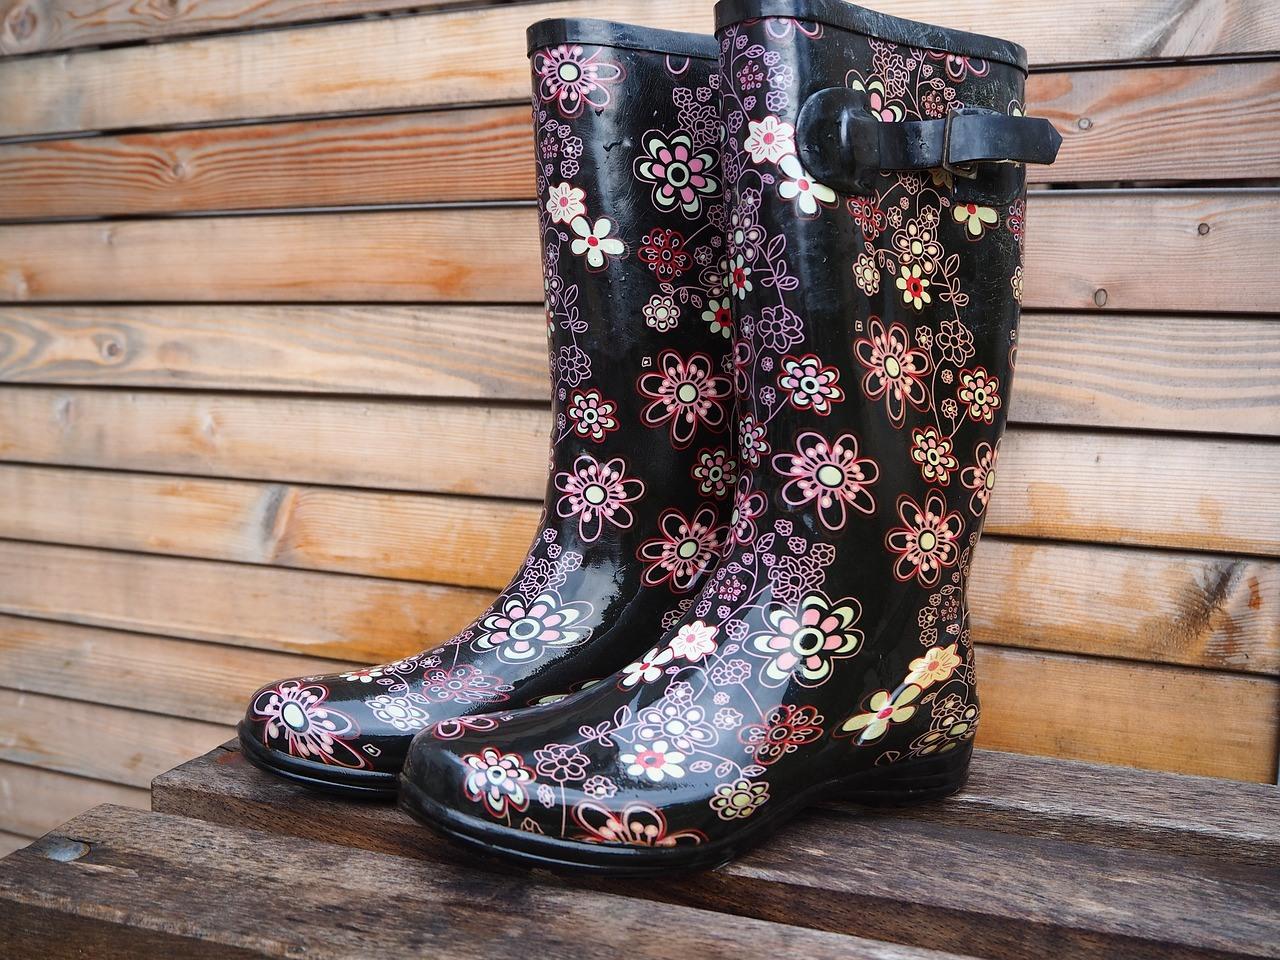 Stivali da Pioggia 2018  Come Sceglierli e Come Indossarli 6090386a891